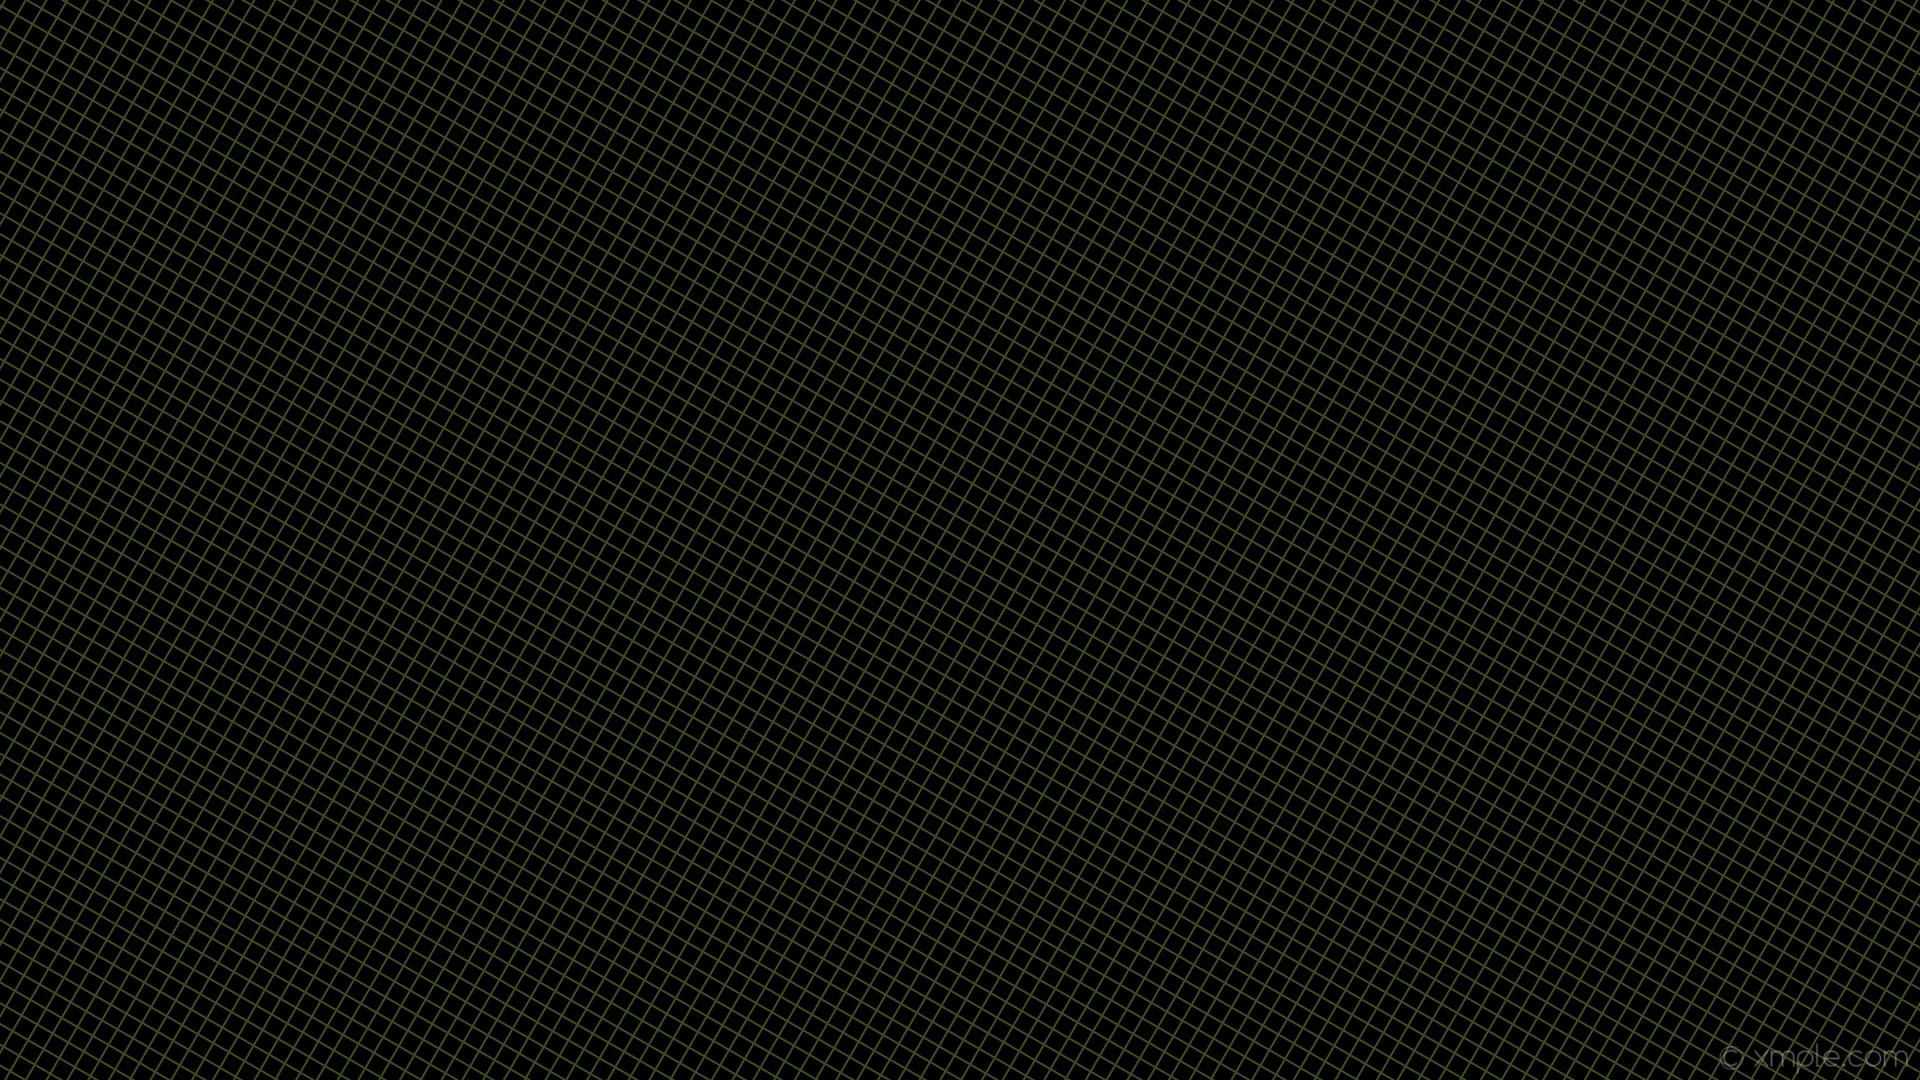 wallpaper graph paper green black grid dark olive green #000000 #556b2f 60°  2px